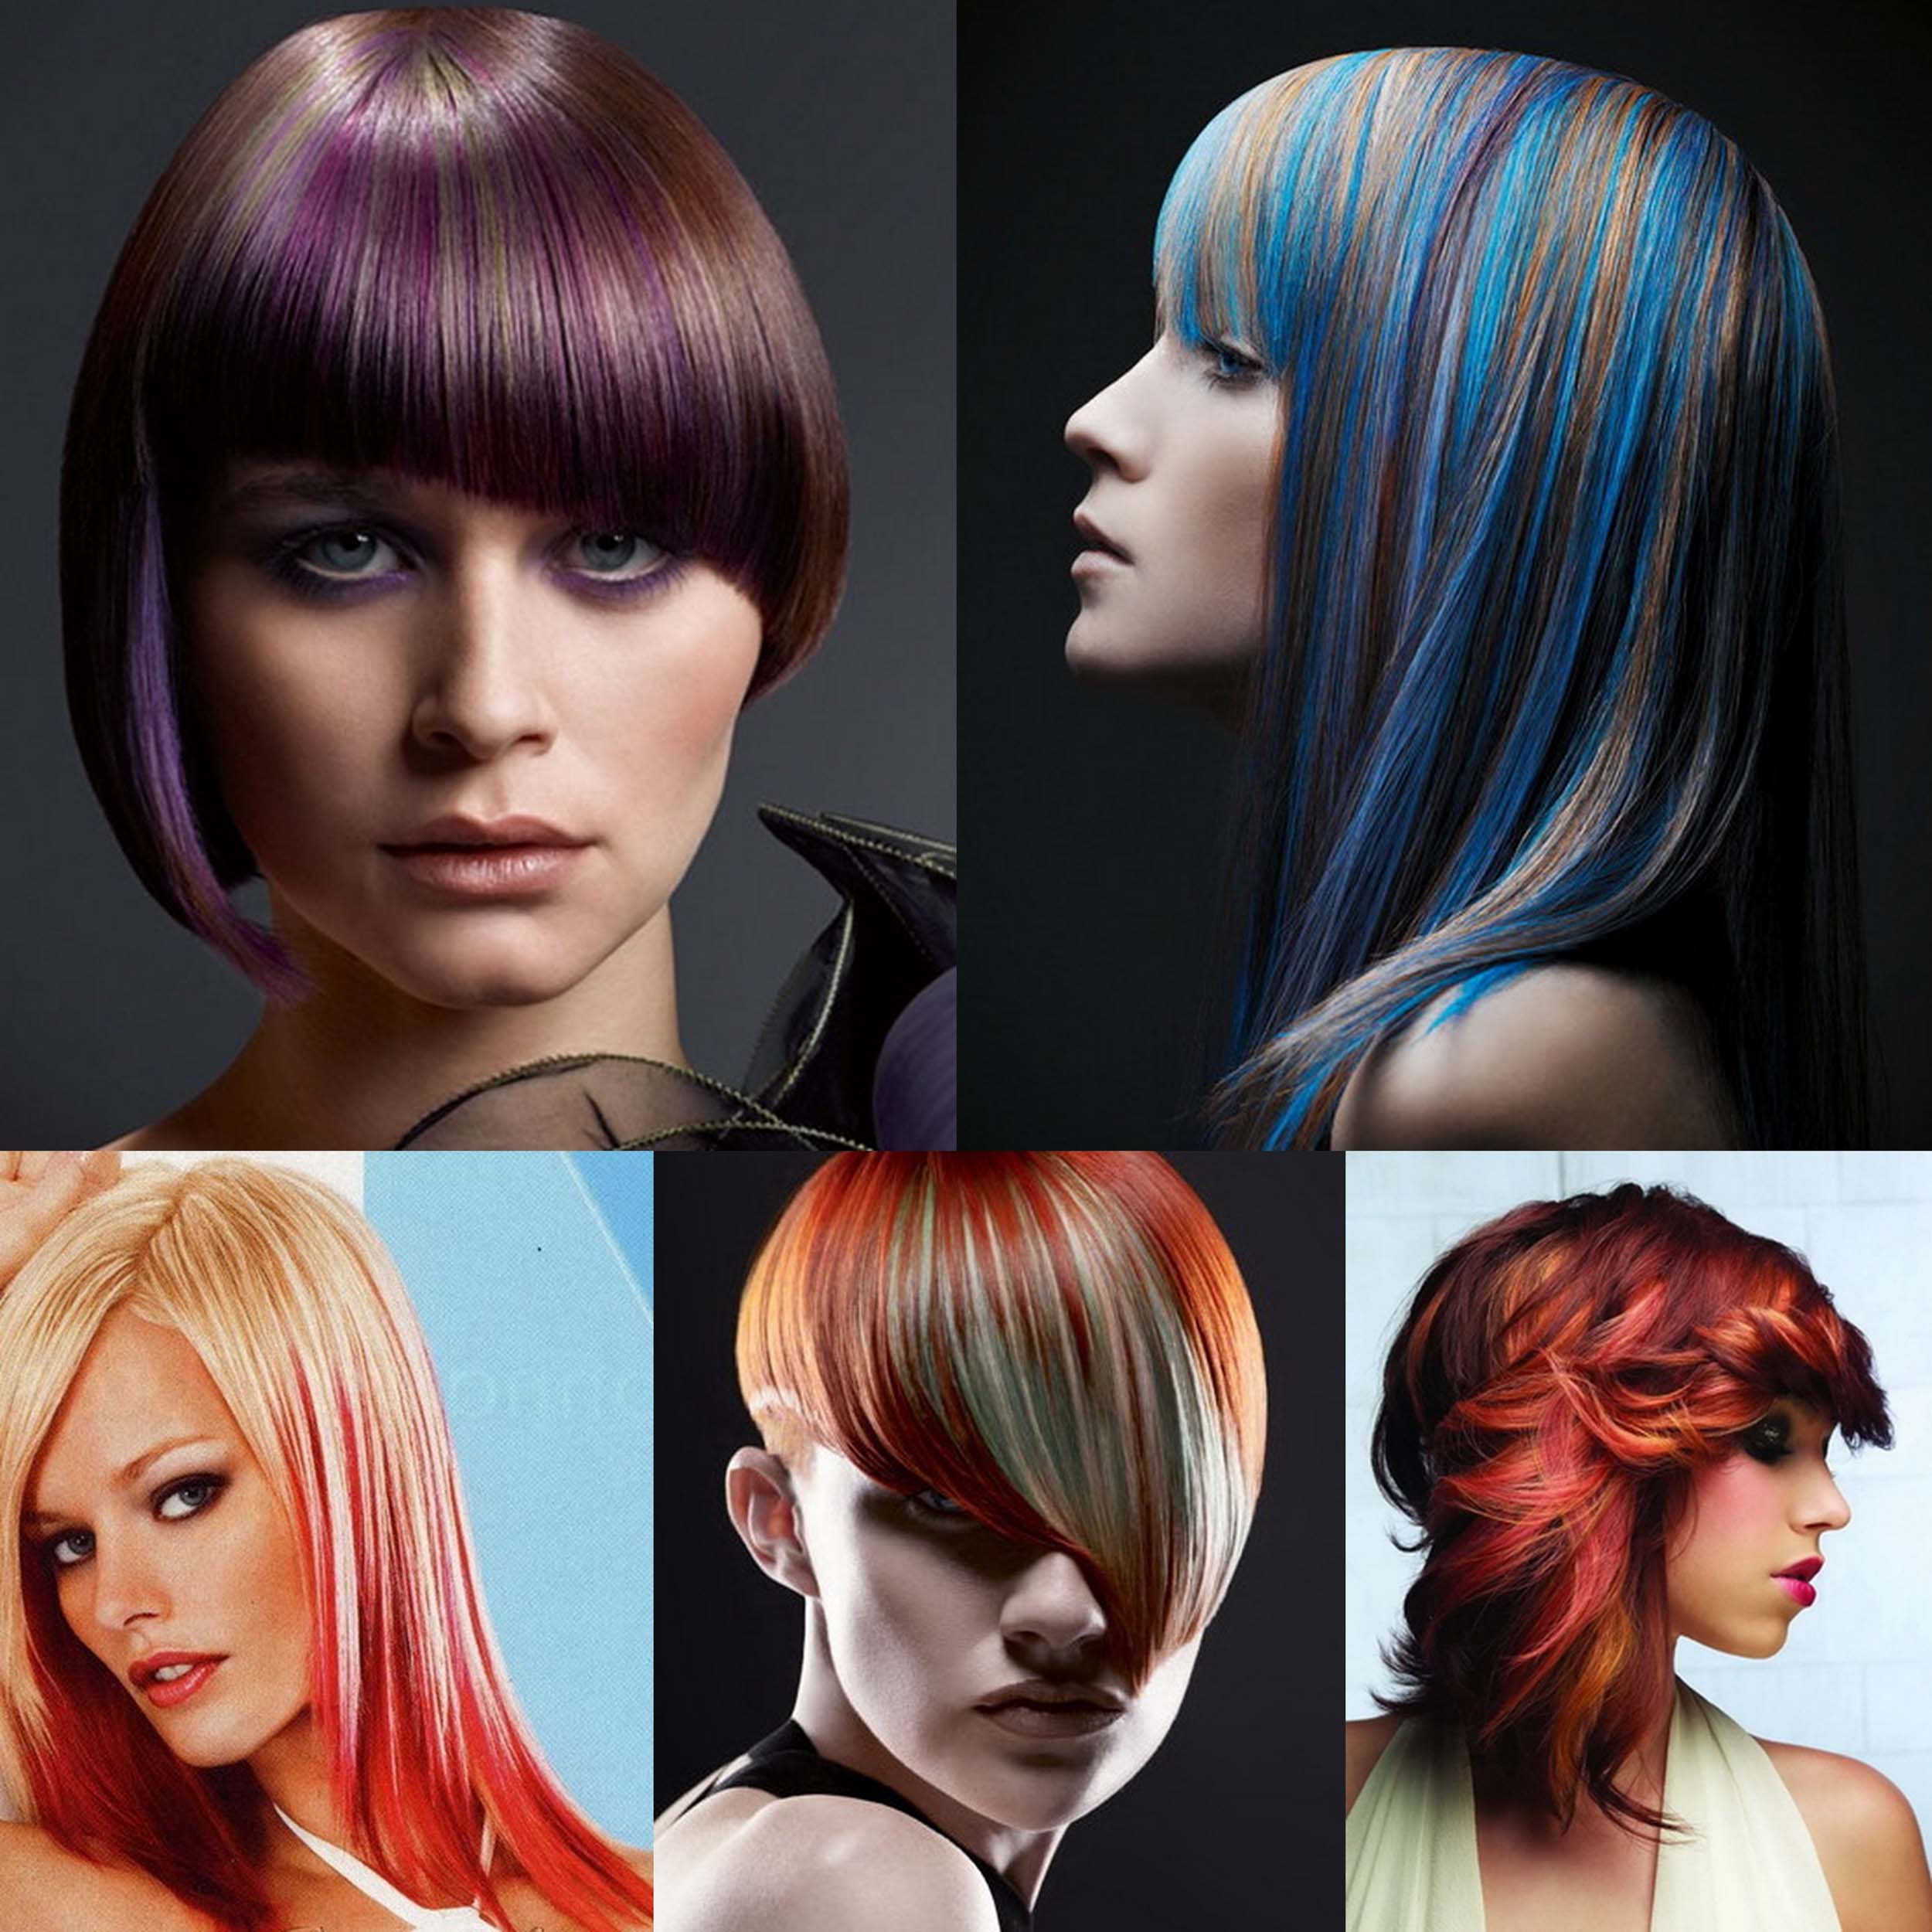 картинки стрижка и окраска волос членов